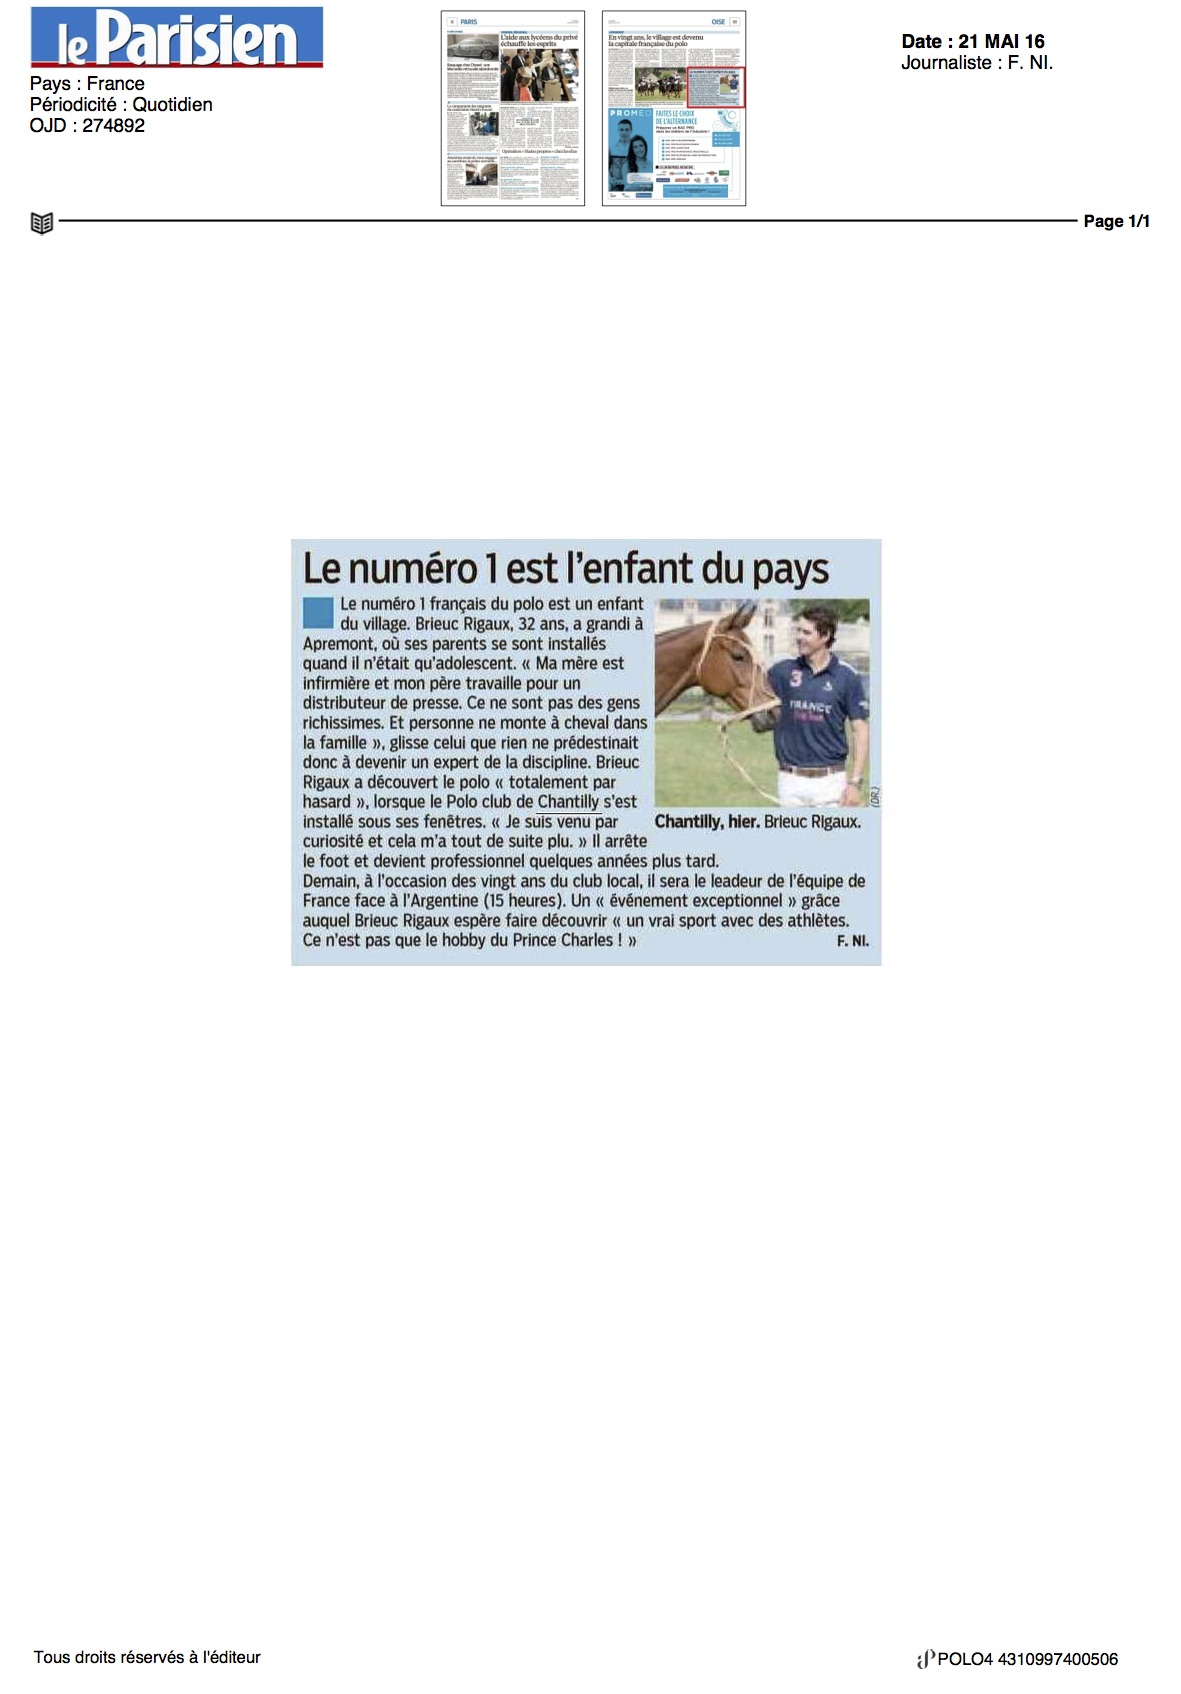 Le Parisien2.jpg